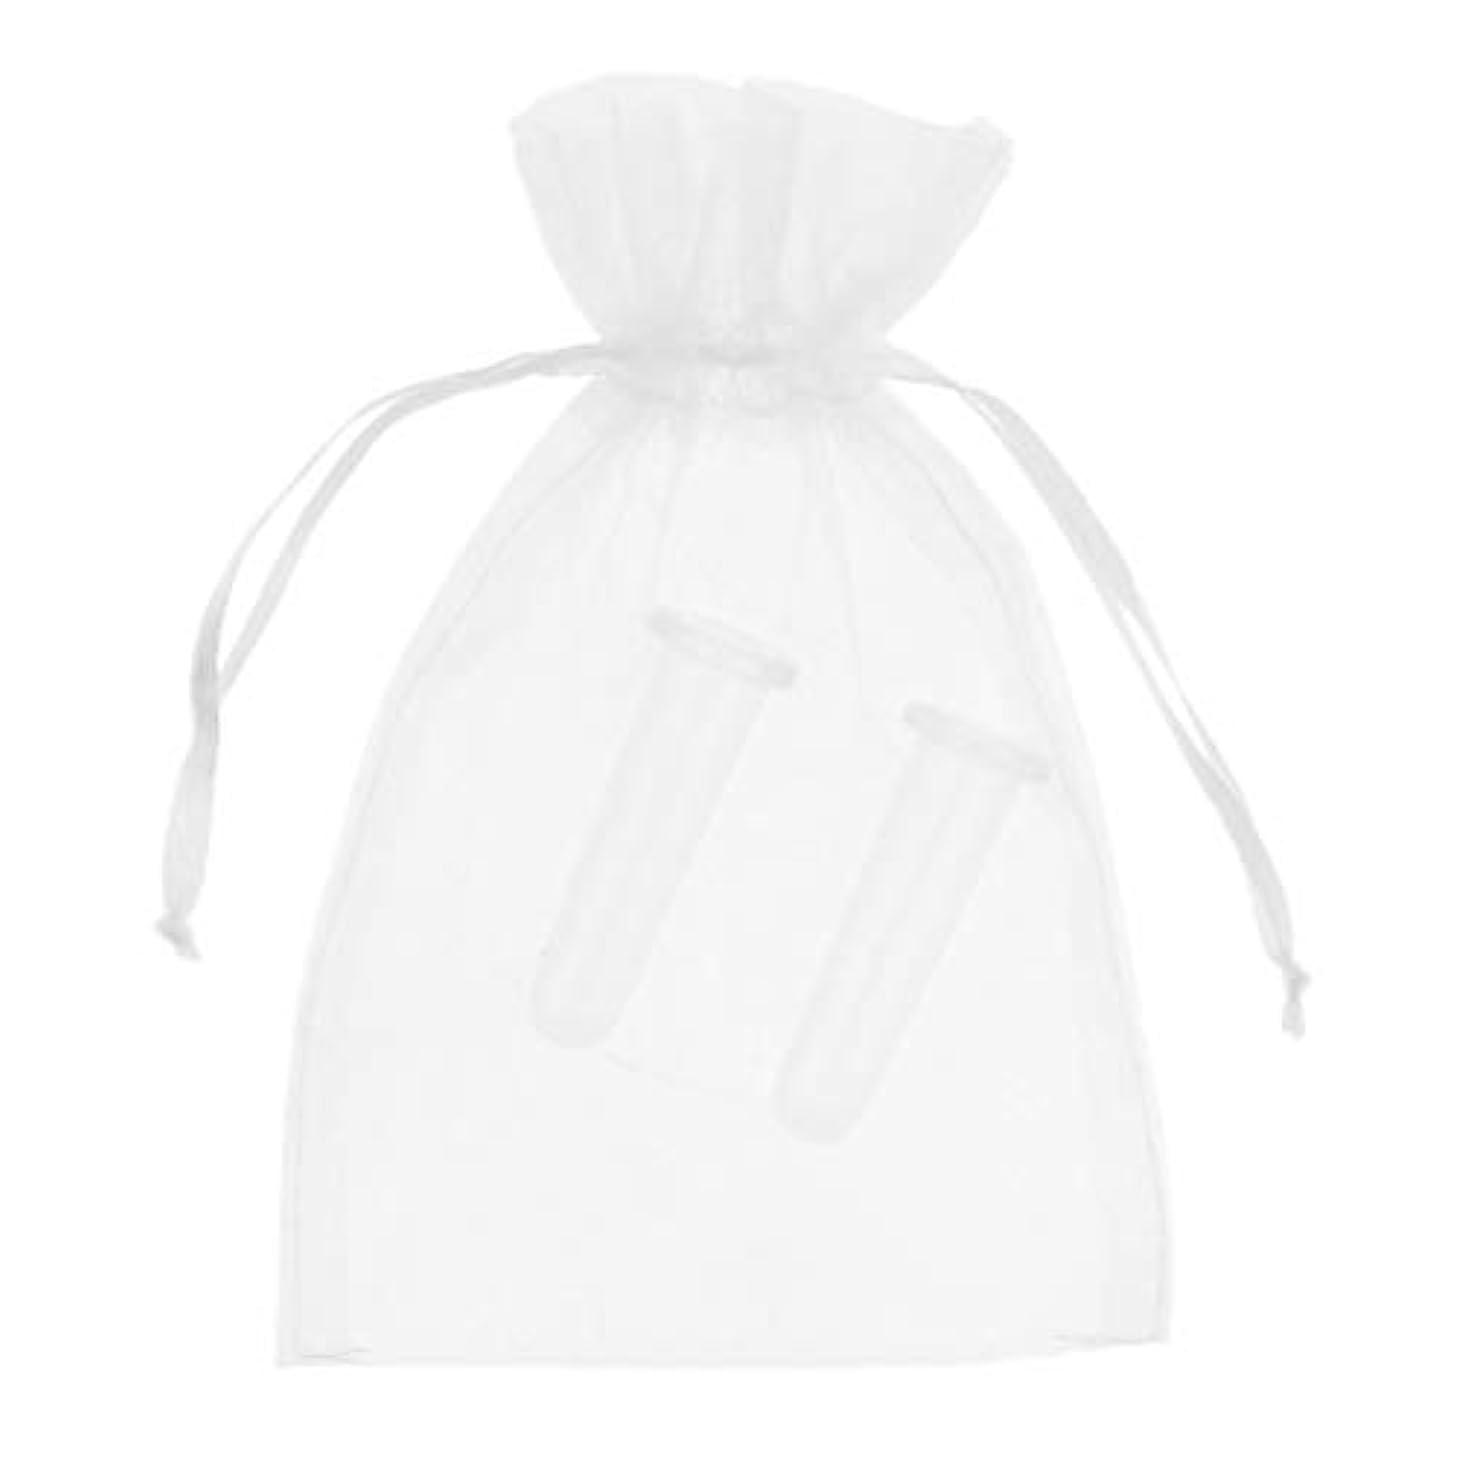 シールド儀式部分的に2個 シリコーン製 真空 顔用マッサージ カッピング 吸い玉カップ カッピング 収納ポーチ付き全2色 - ホワイト